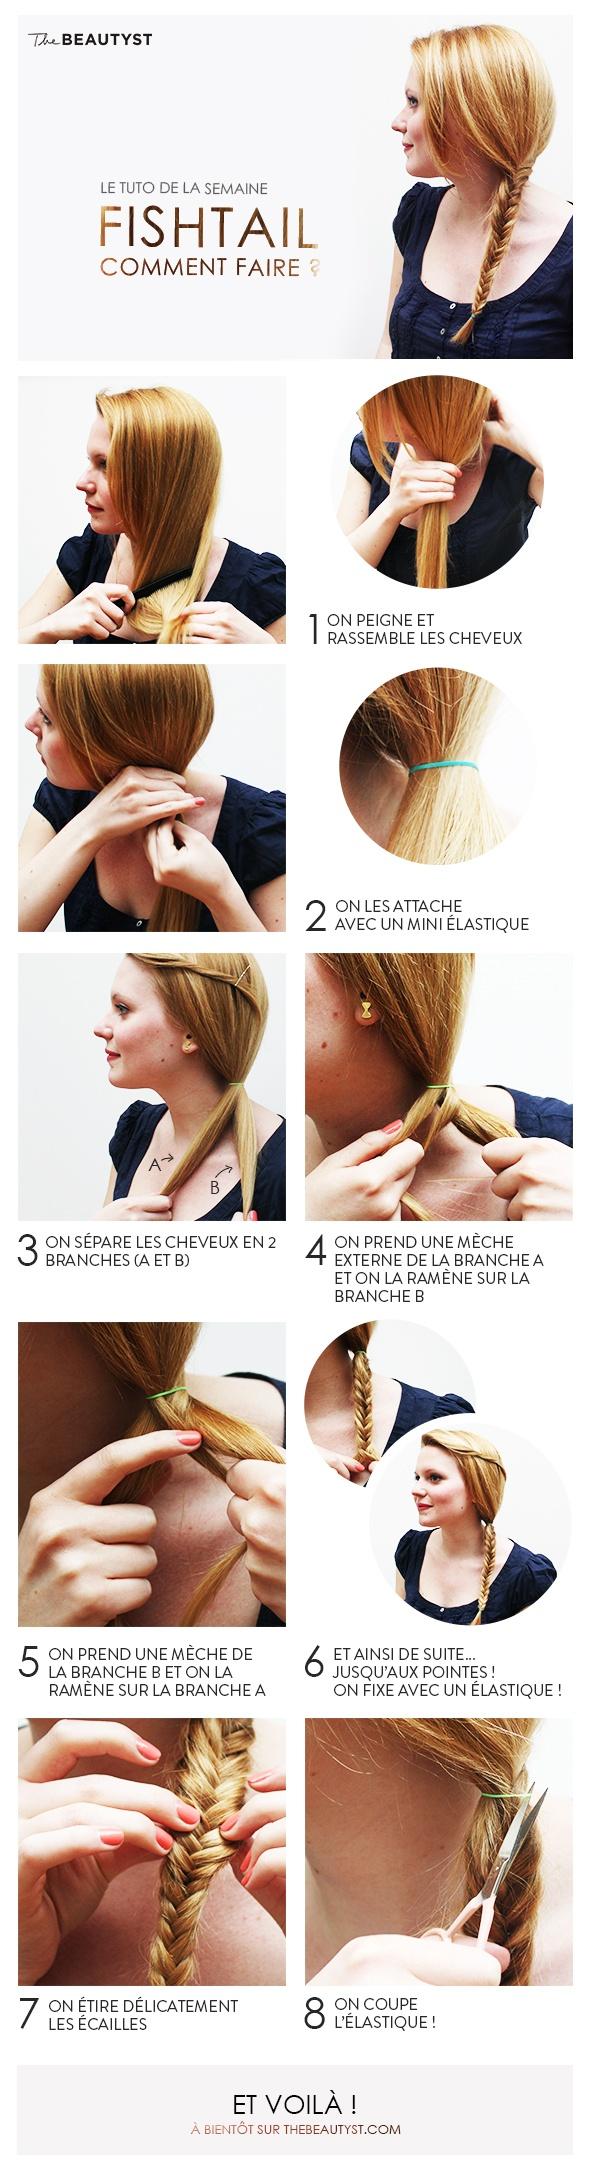 Découvrez comment réaliser une jolie tresse fishtail, une coiffure simple et ultra romantique!